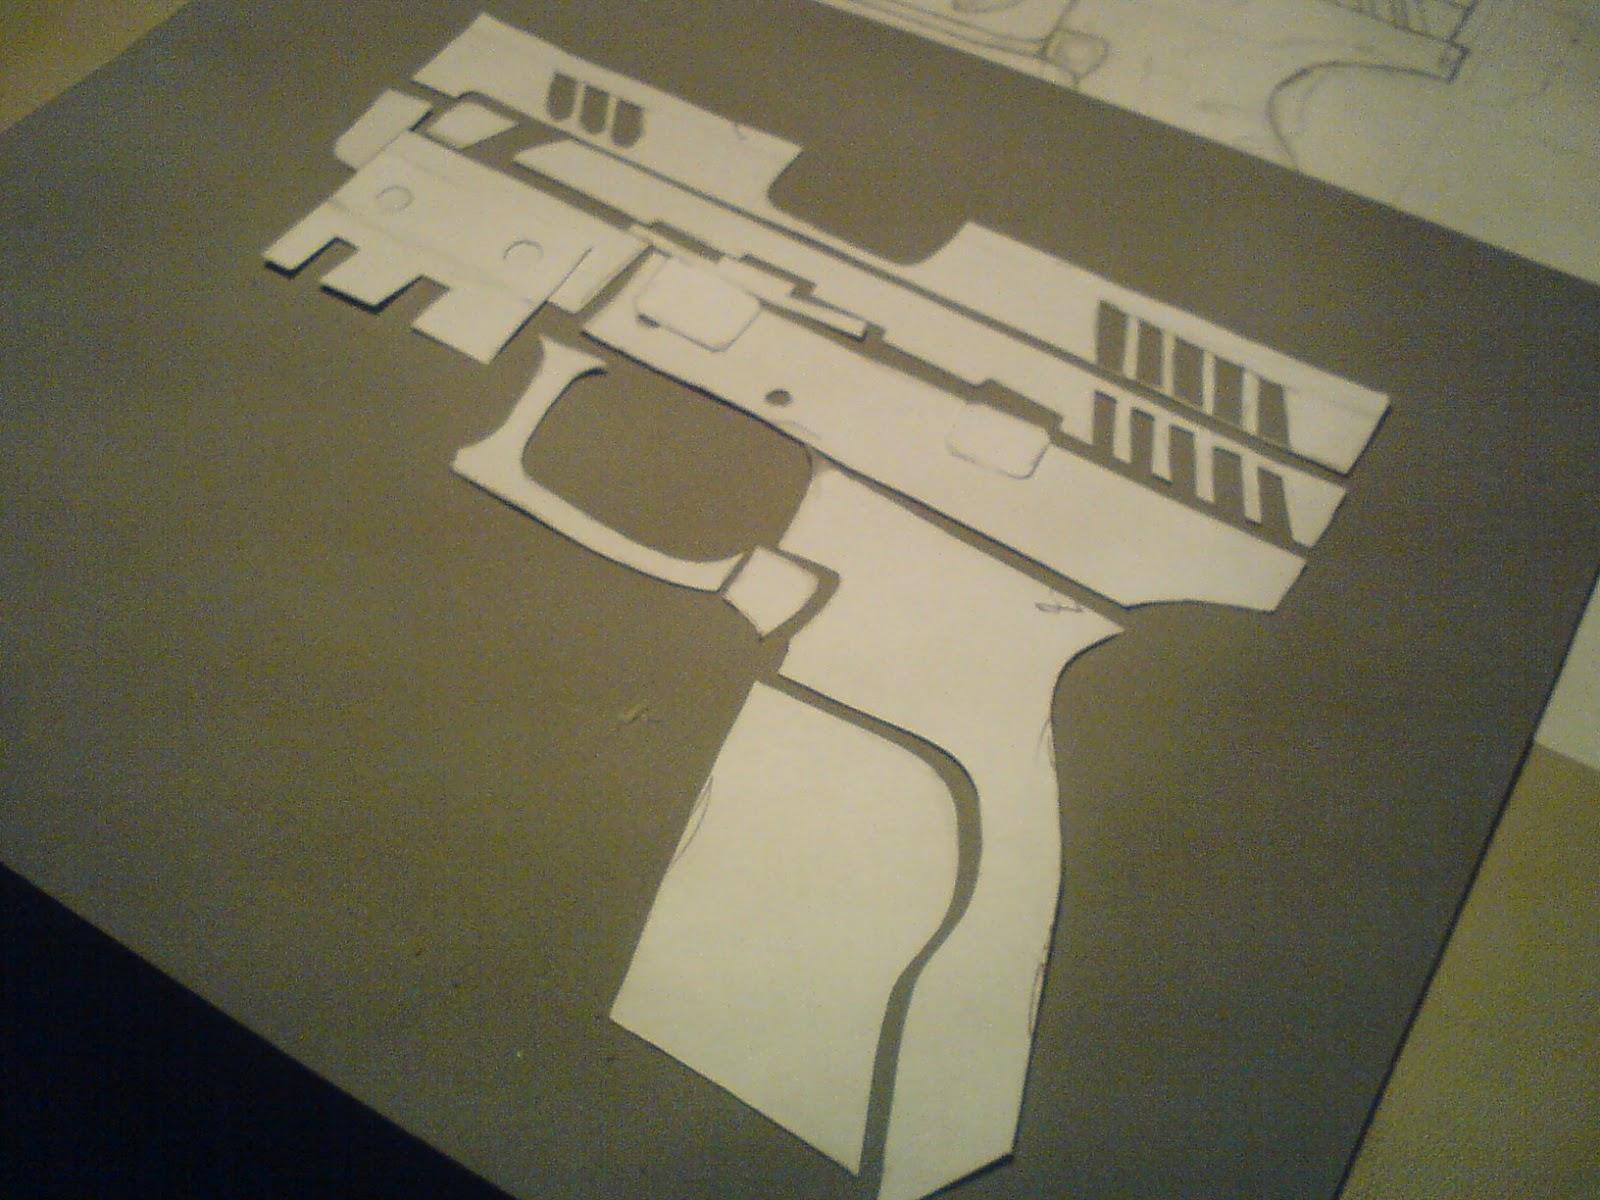 Pistola Blacktail - Resident Evil DSC04444